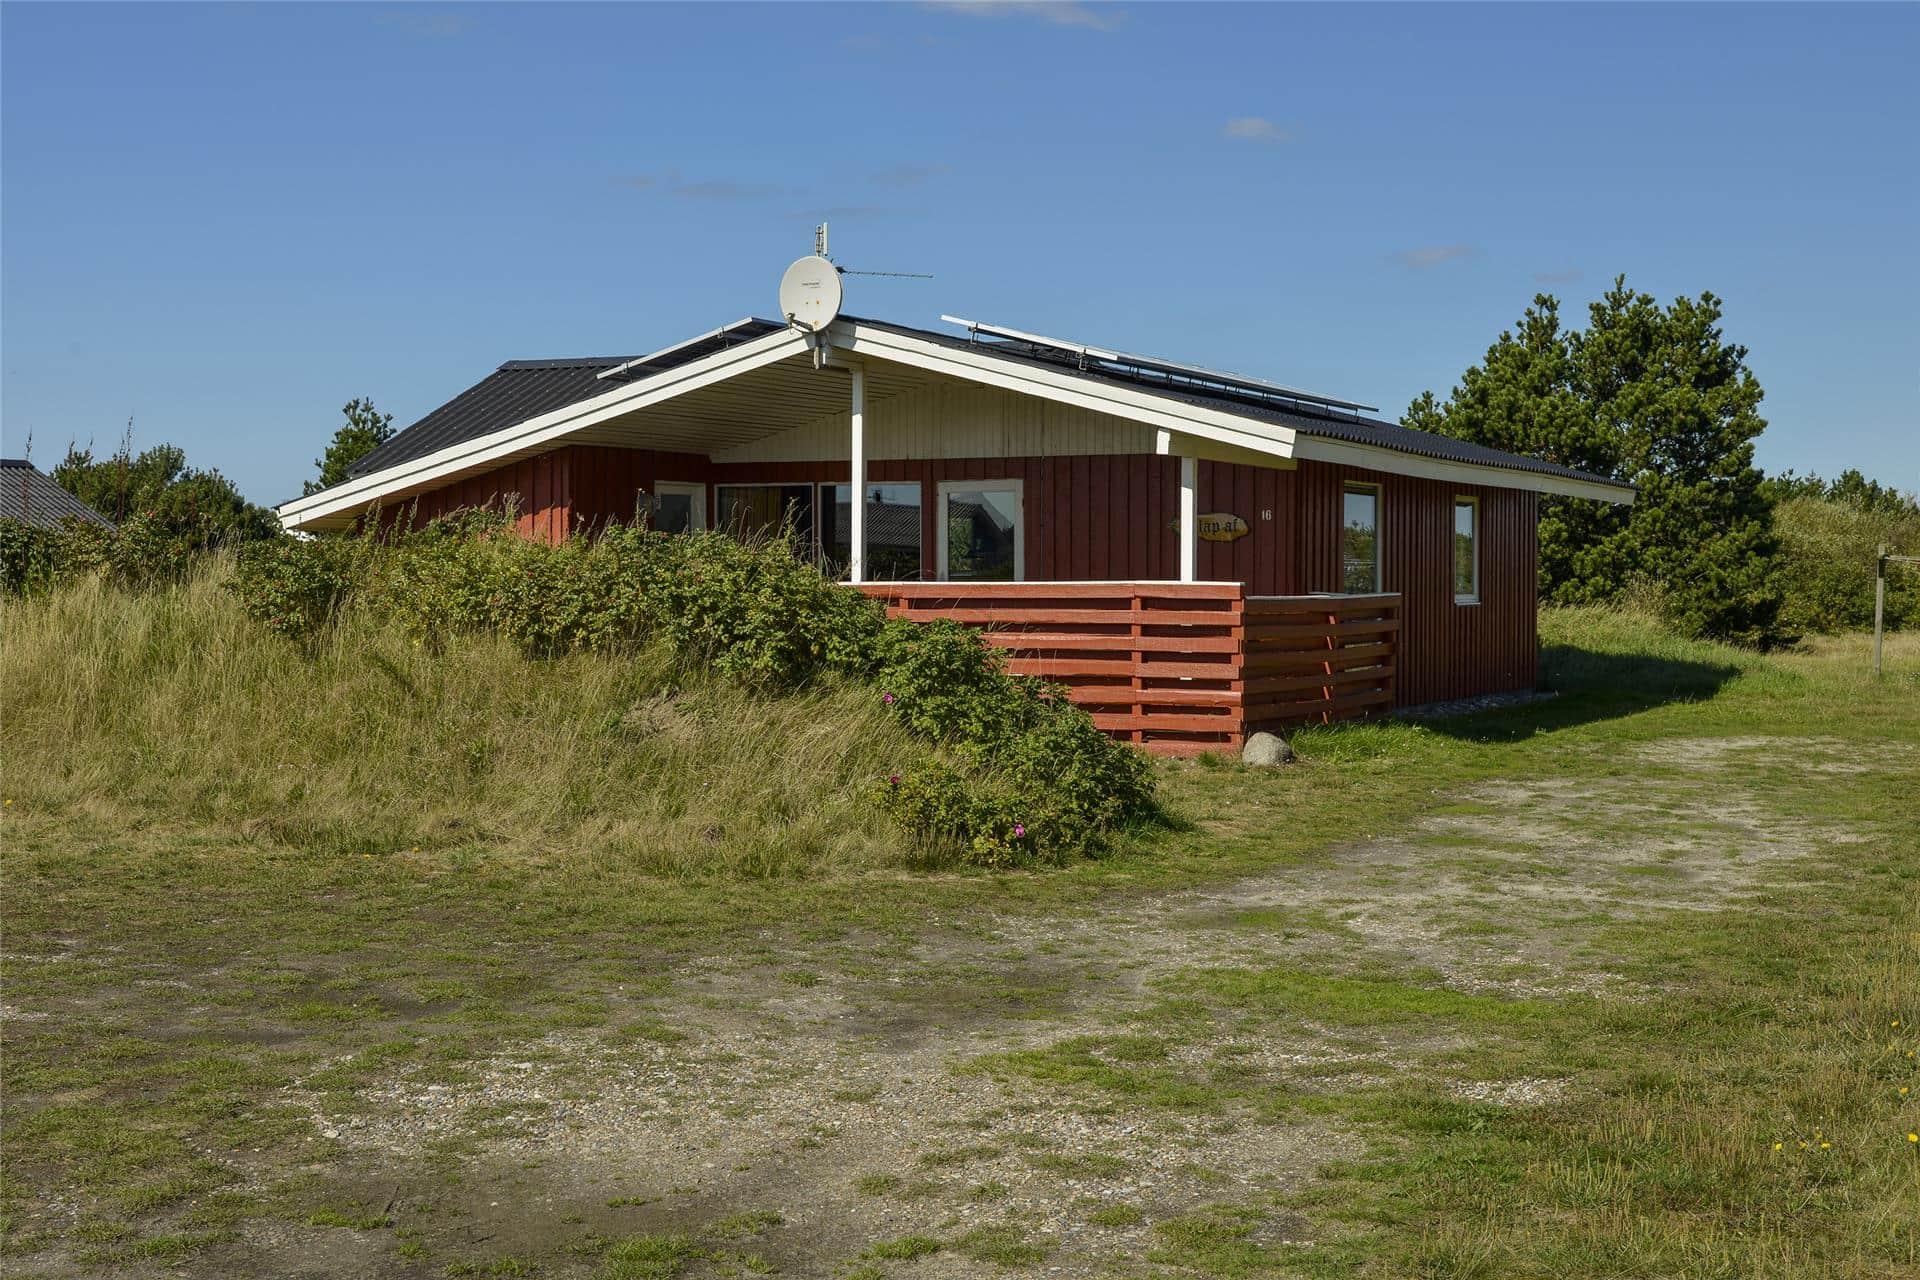 Billede 1-4 Sommerhus 613, Kirksvej 16, DK - 6960 Hvide Sande